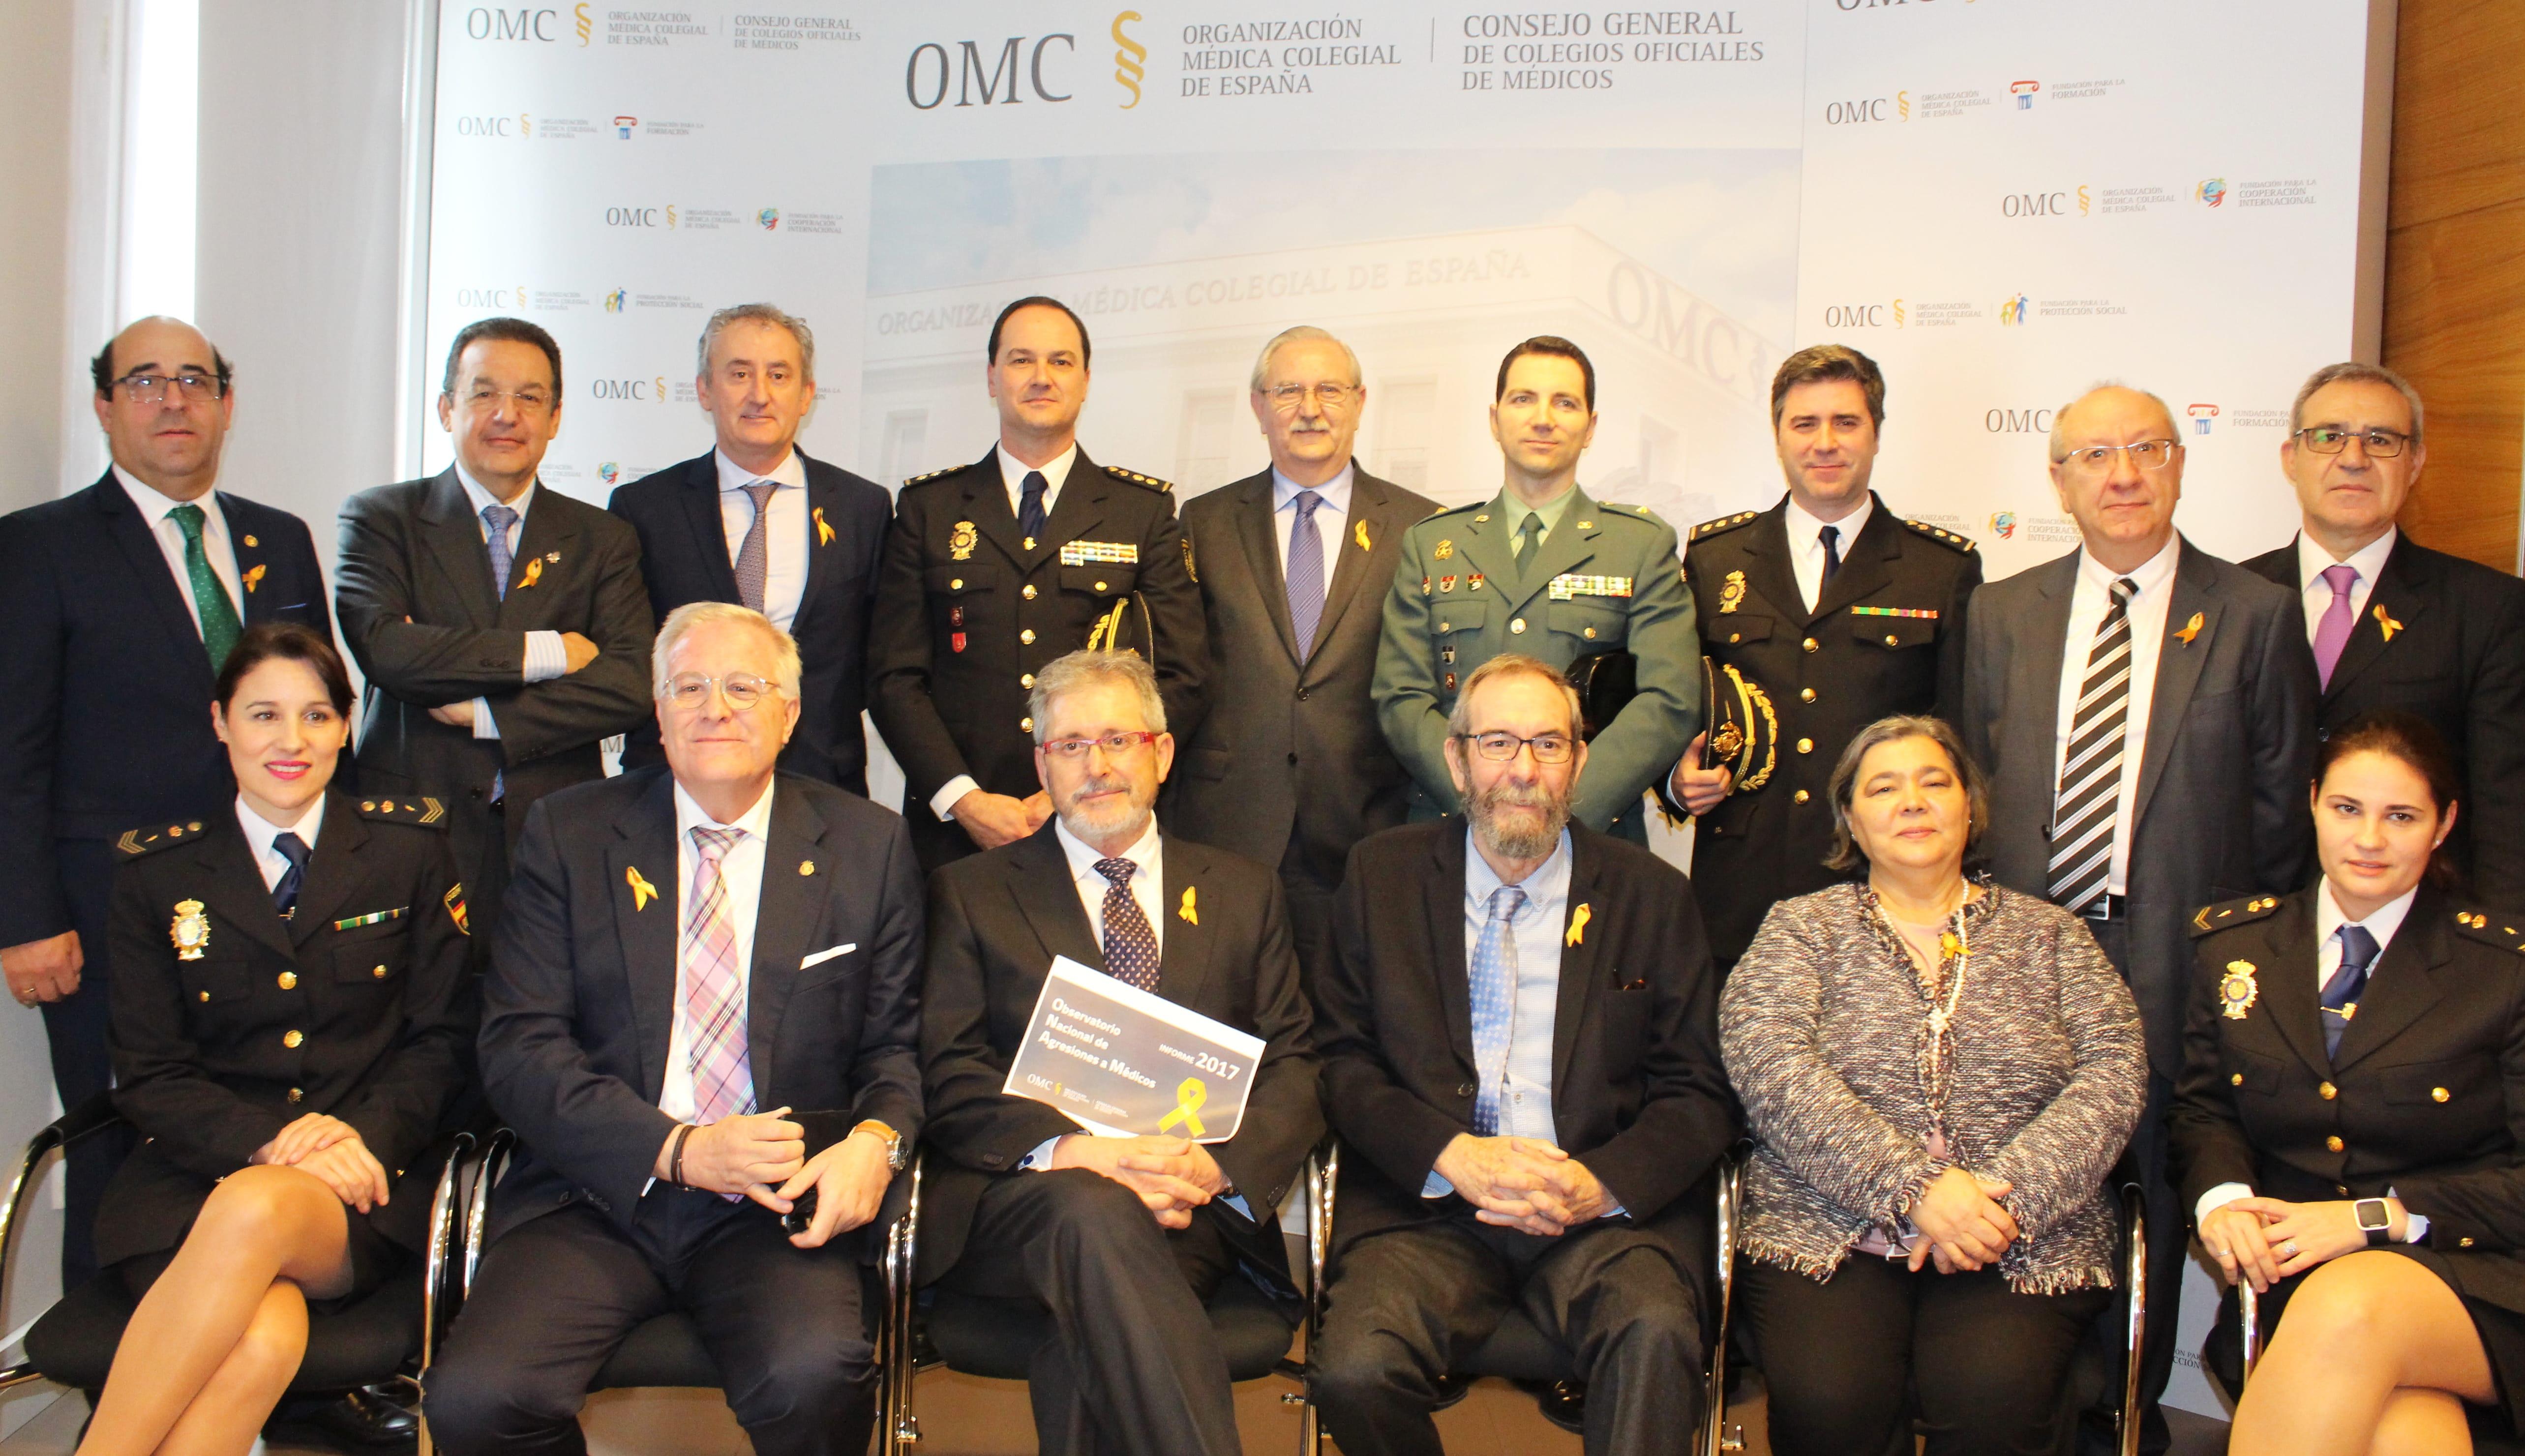 Foto agresiones 2018 OMC- Pie de foto- miembros del Observatorio Nacional de Agresiones de la Organización Médica Colegial y máximos representantes de la Policía Nacional y Guardia Civil